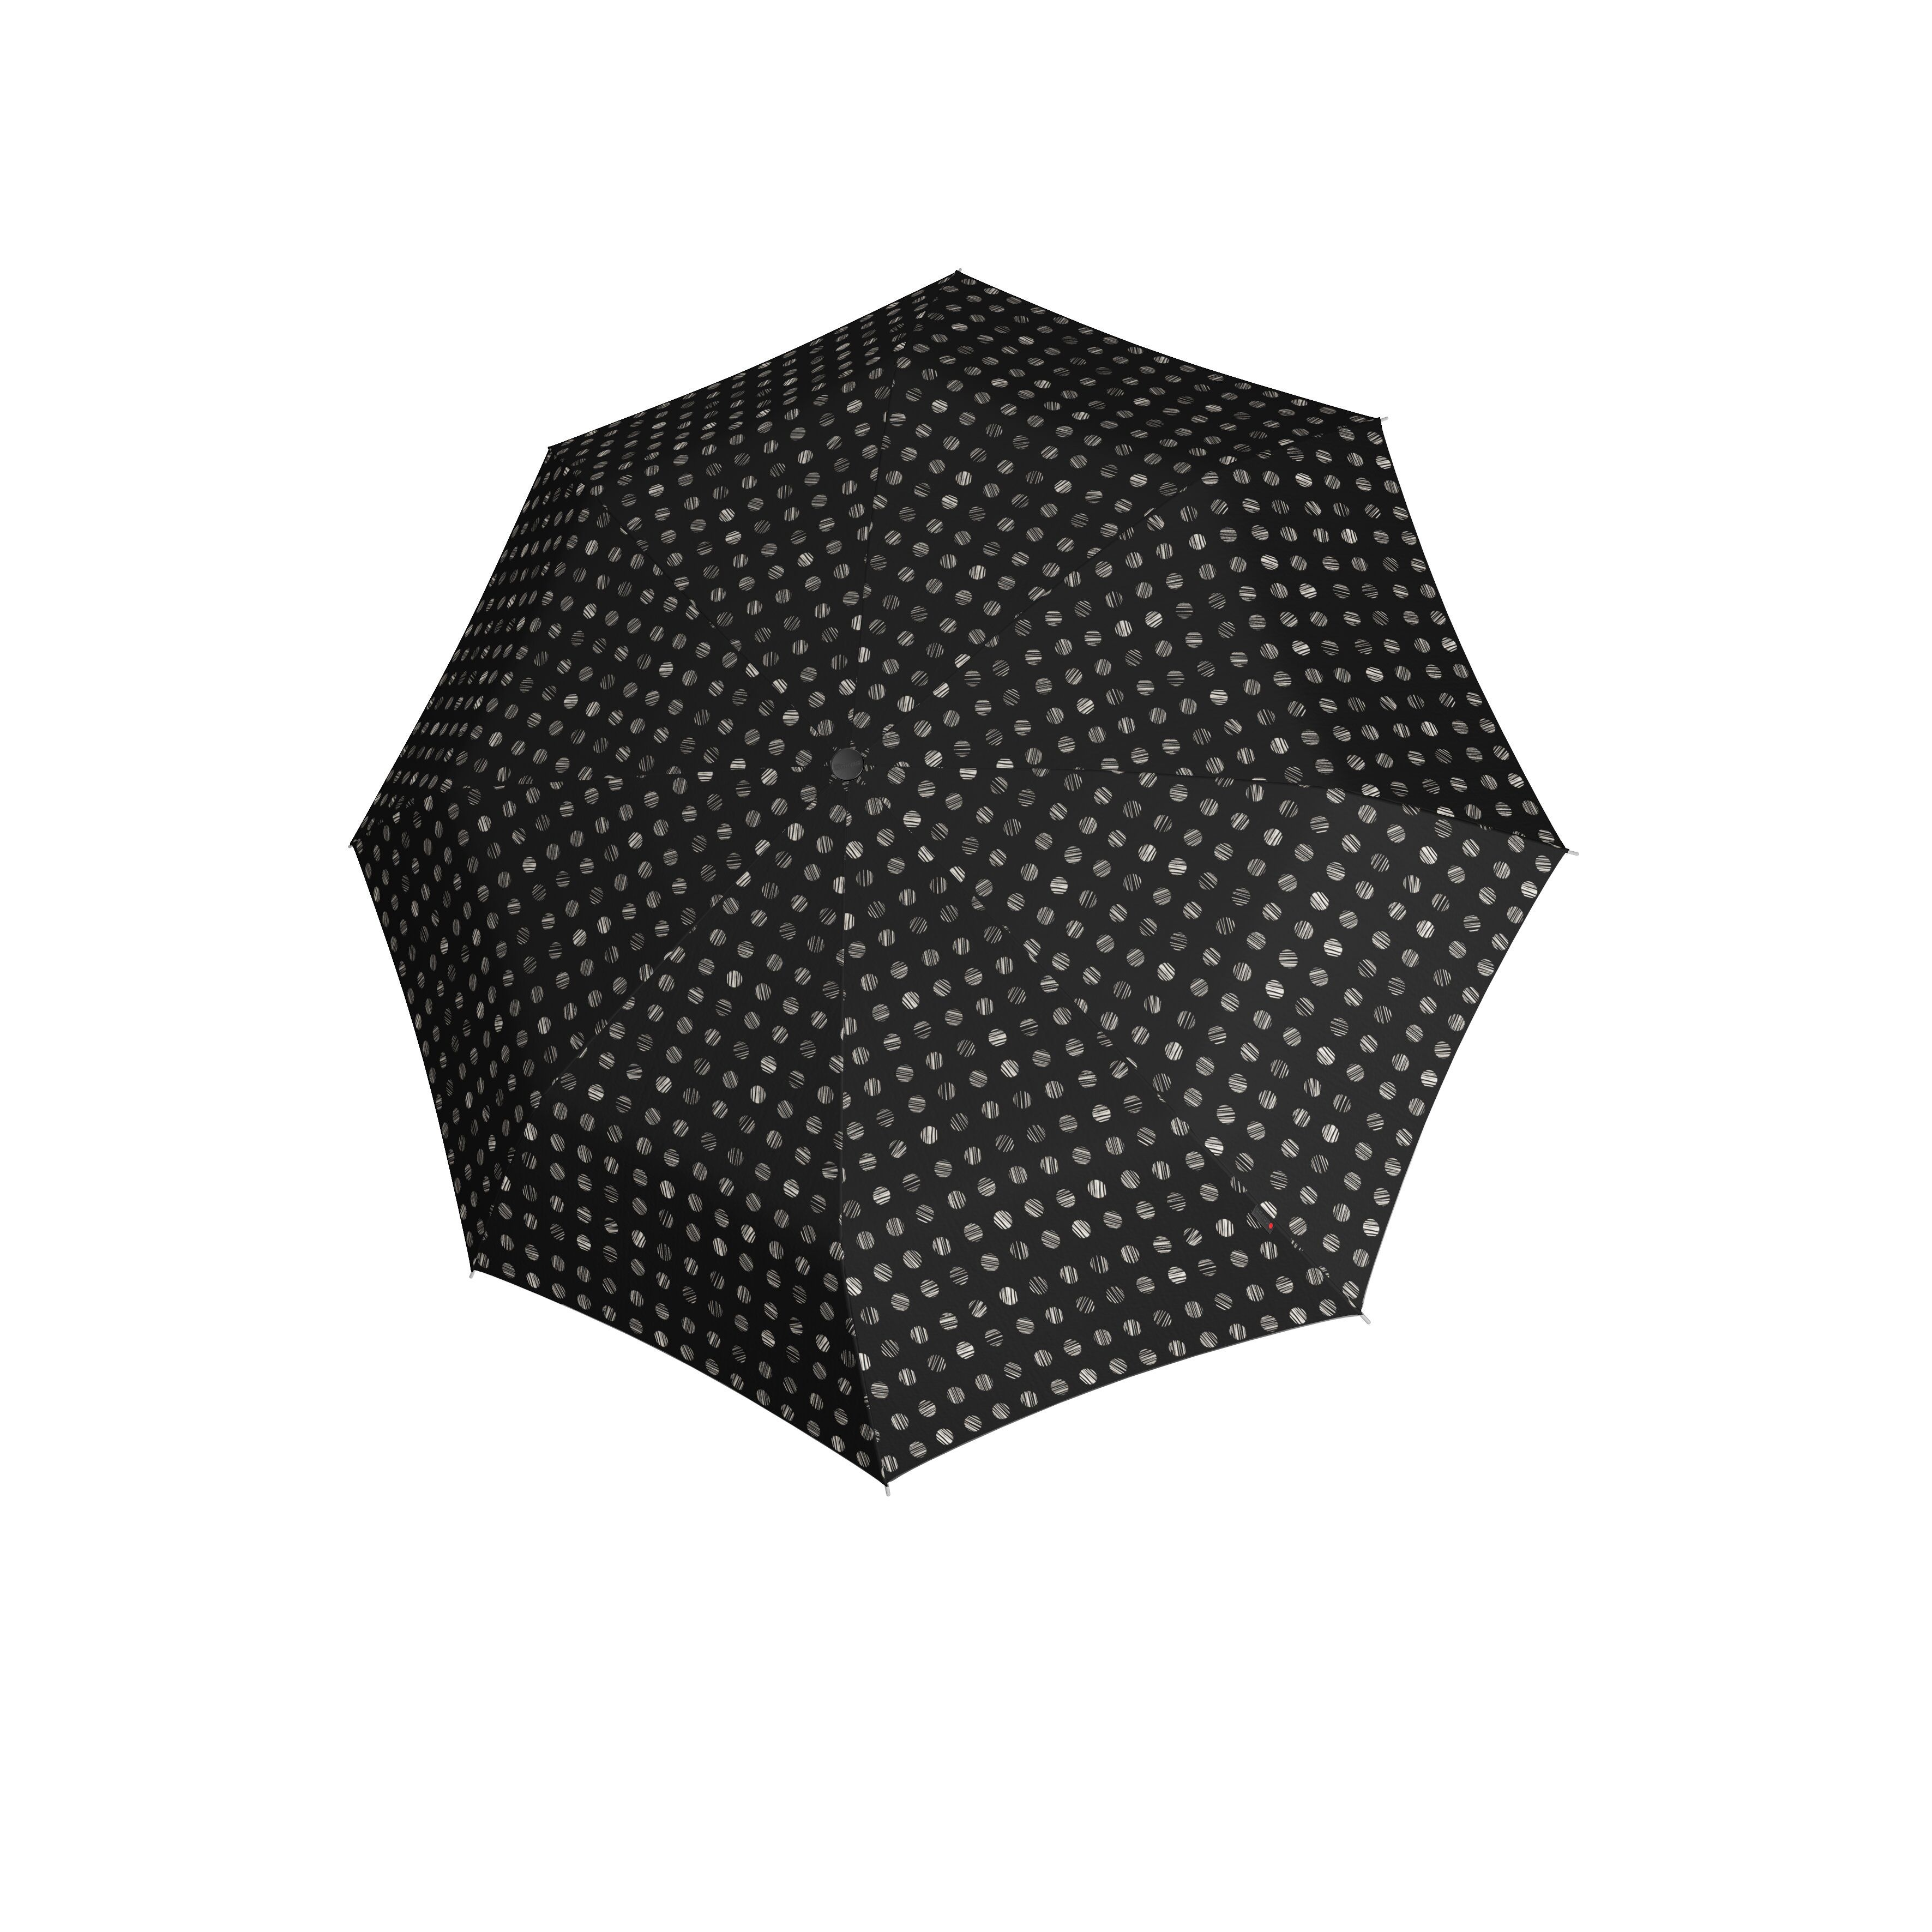 Knirps Umbrella A.050 medium manual - foto 2